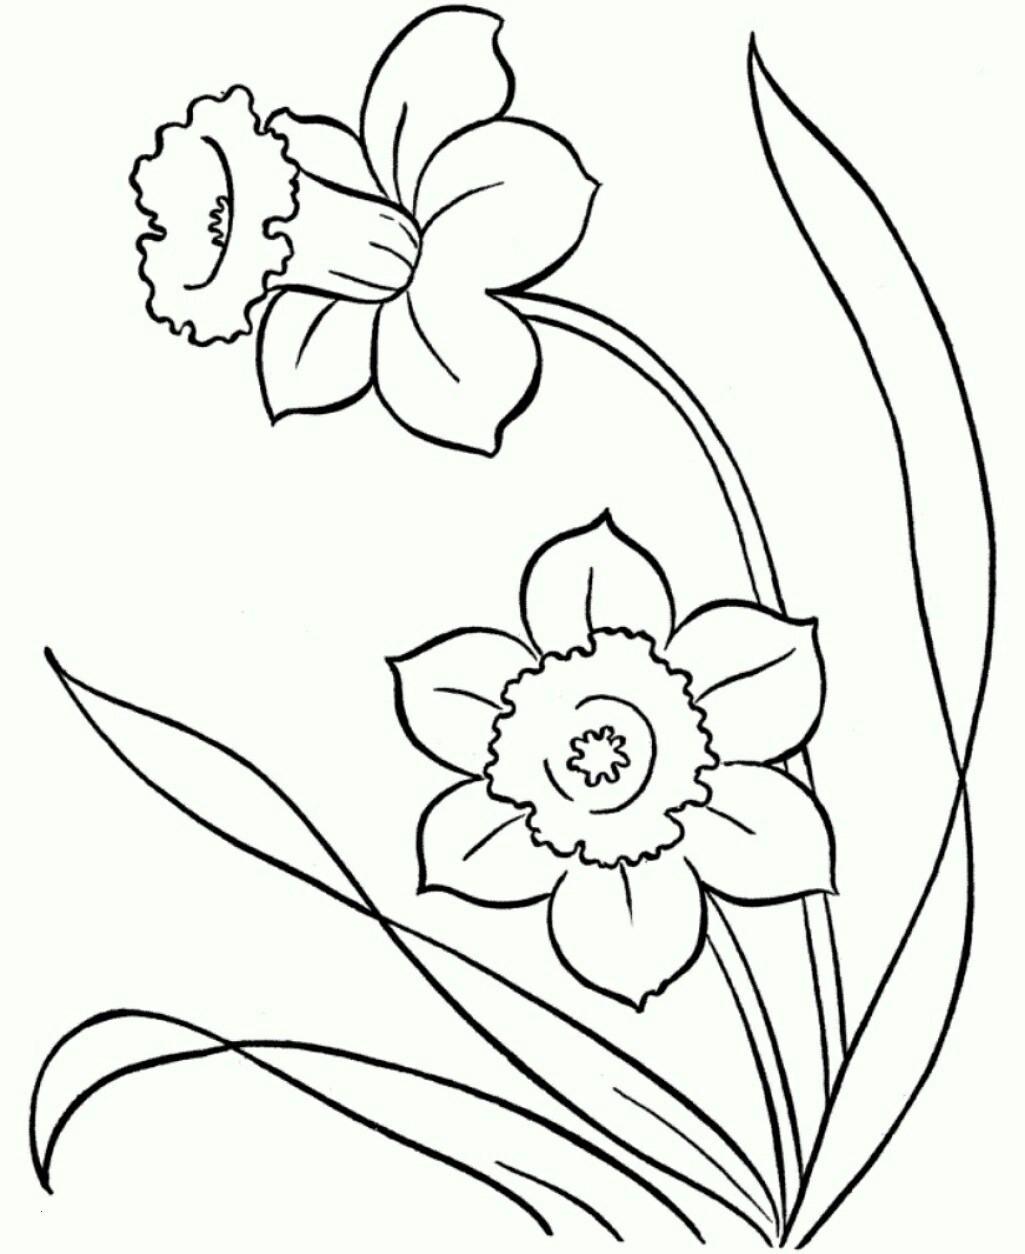 Malvorlagen Blumen Ranken Kostenlos Frisch 47 Schön Blumen Malvorlagen Beste Malvorlage Das Bild